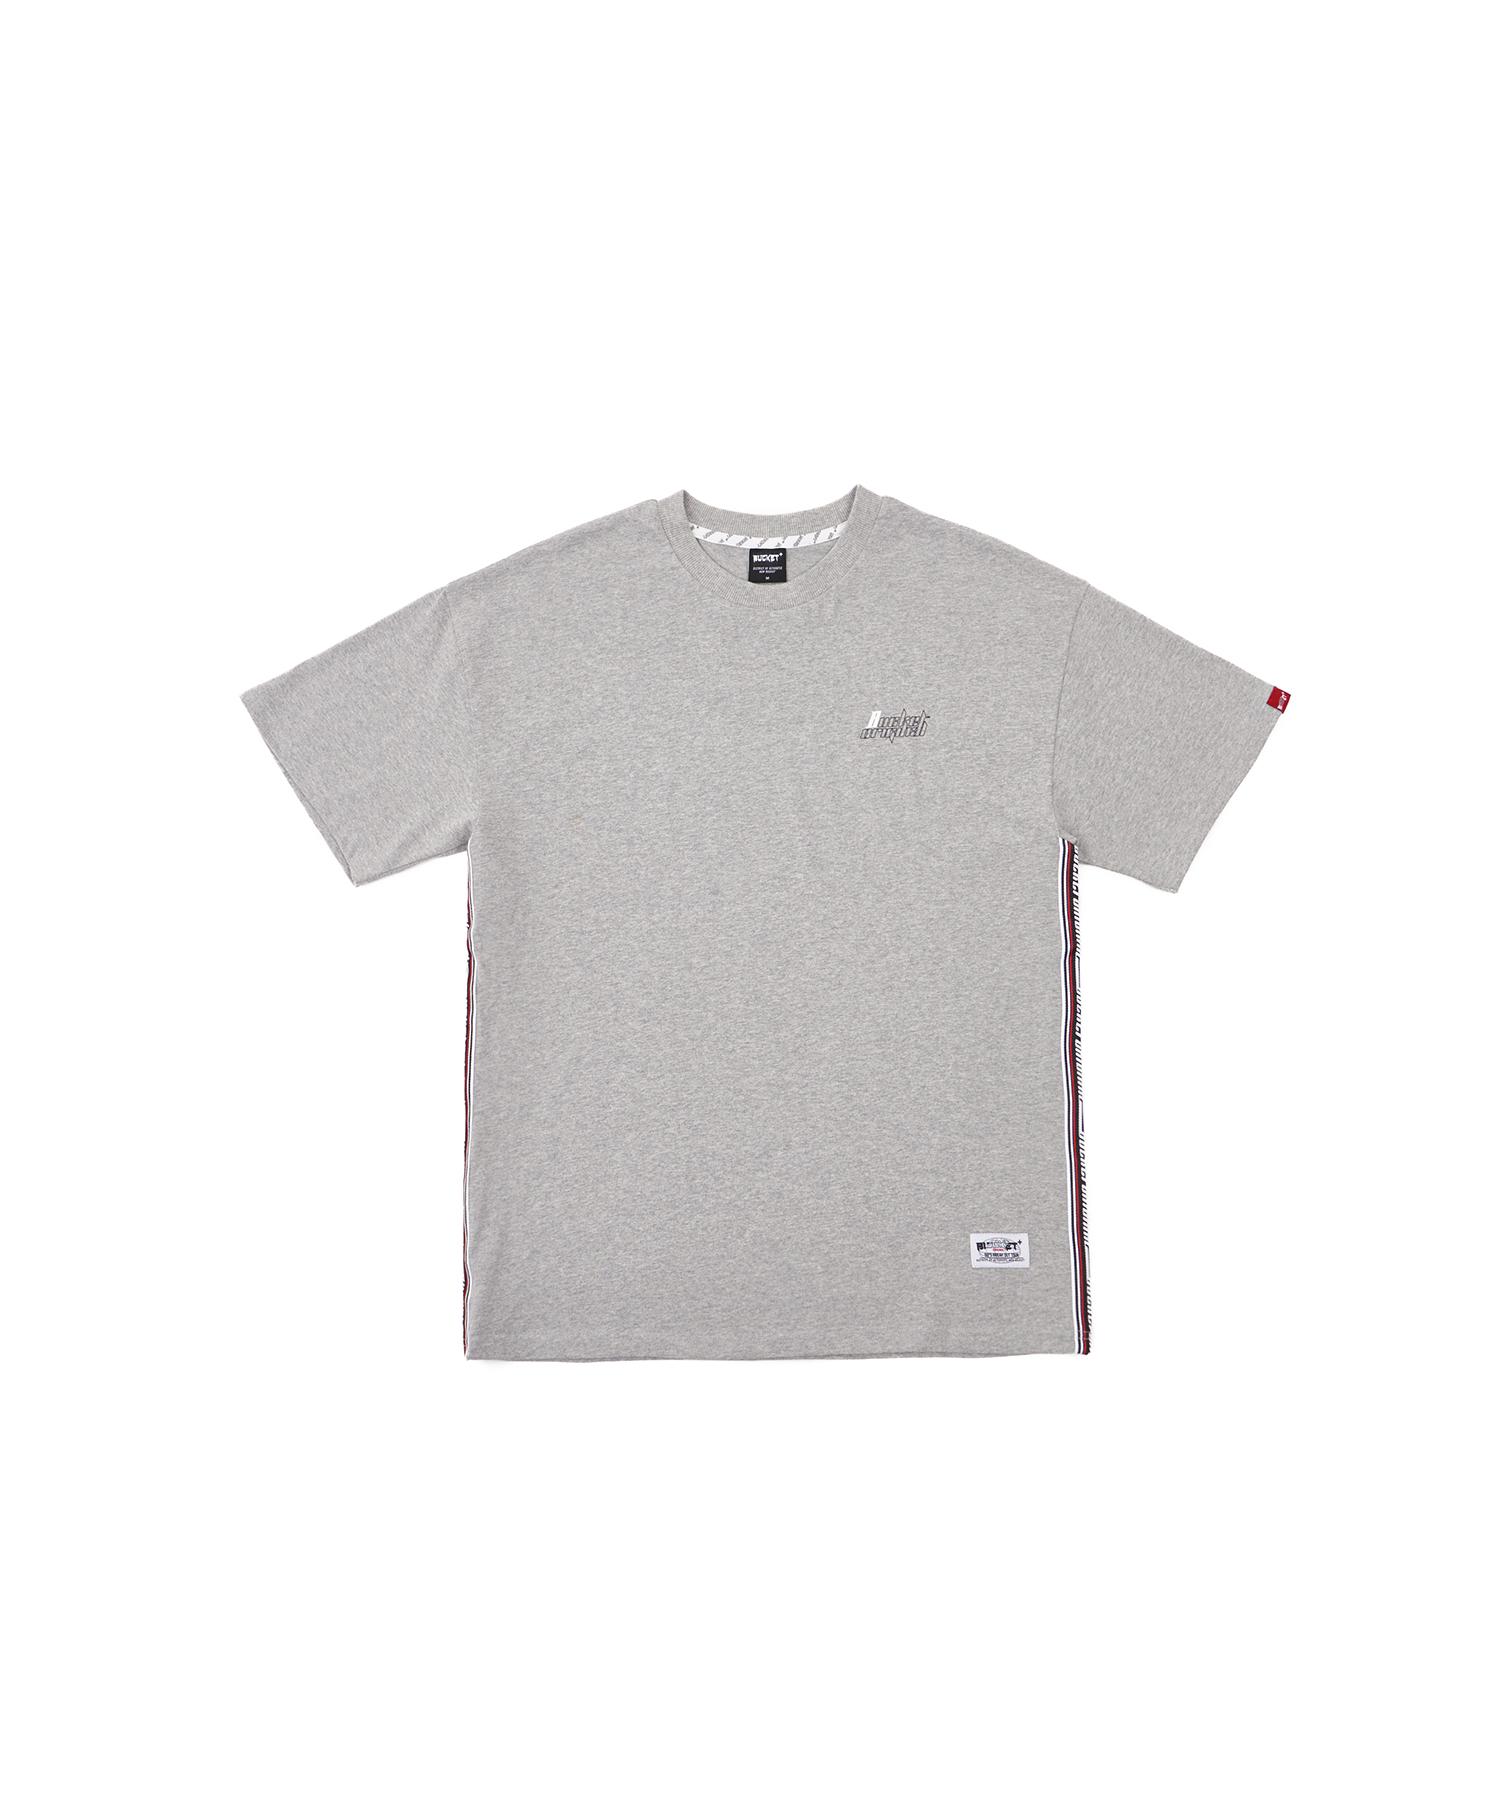 버켓 테이핑 트리밍 반팔 티셔츠